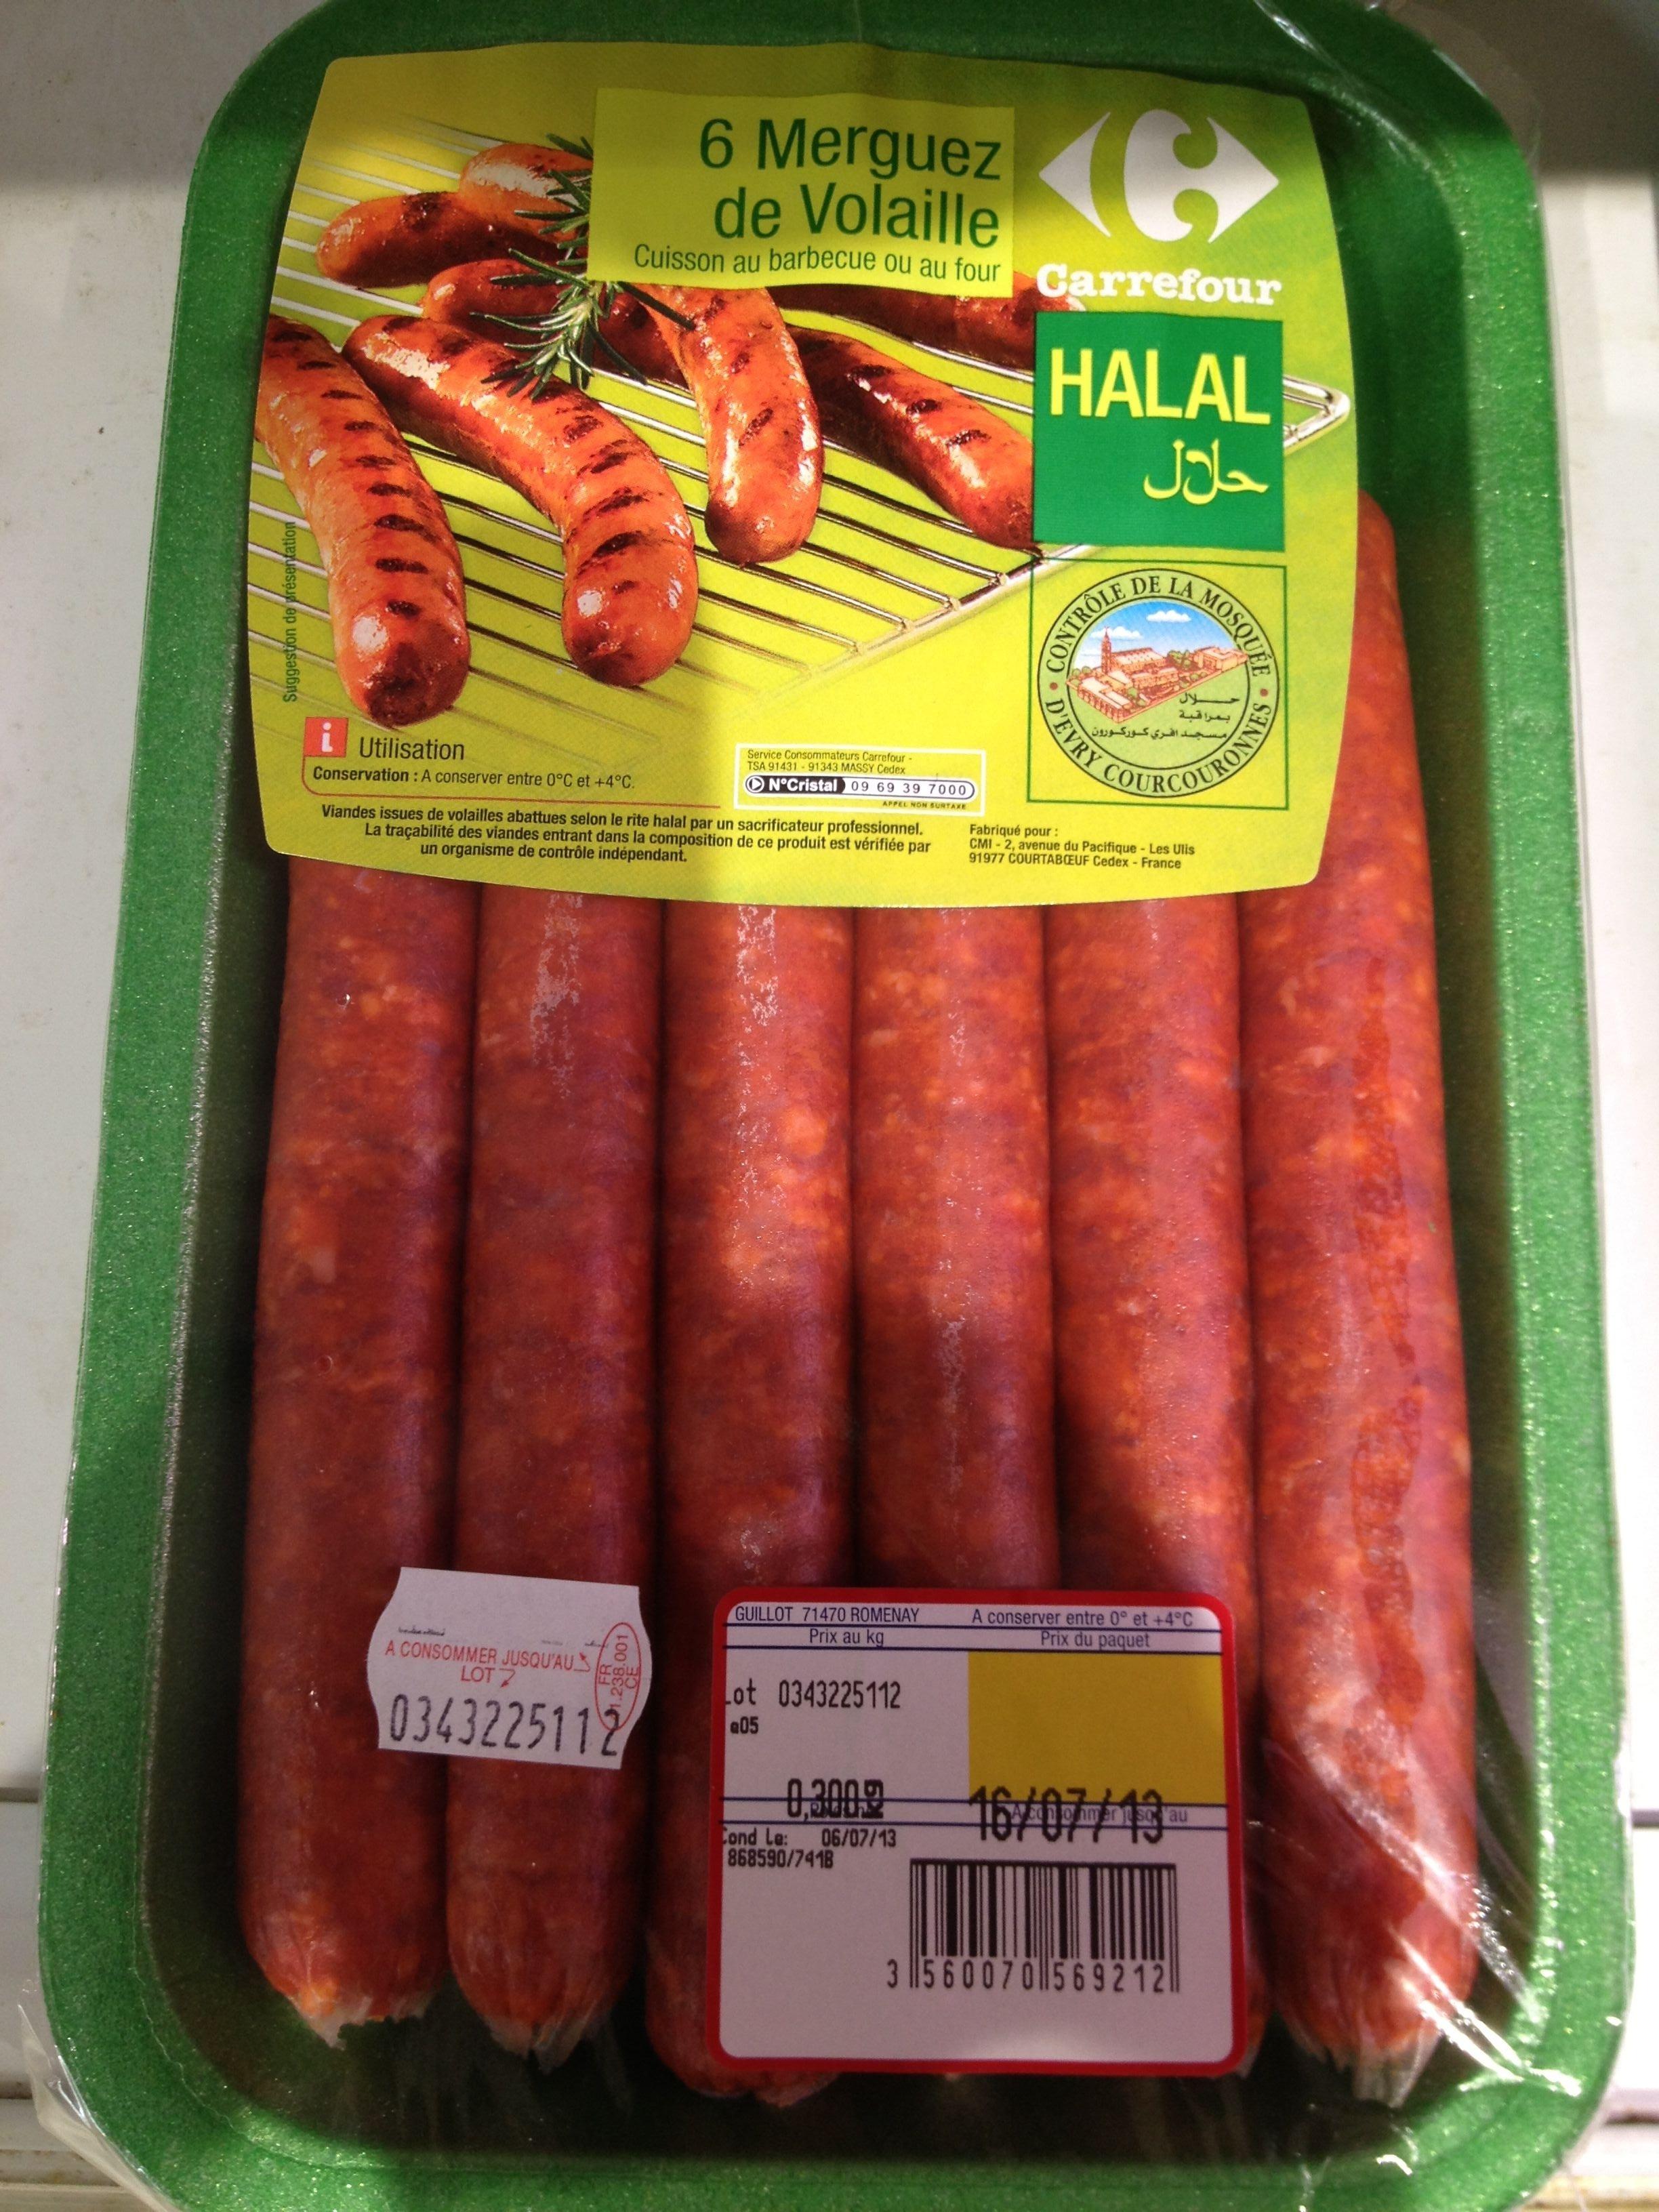 6 merguez de volailles halal - Product